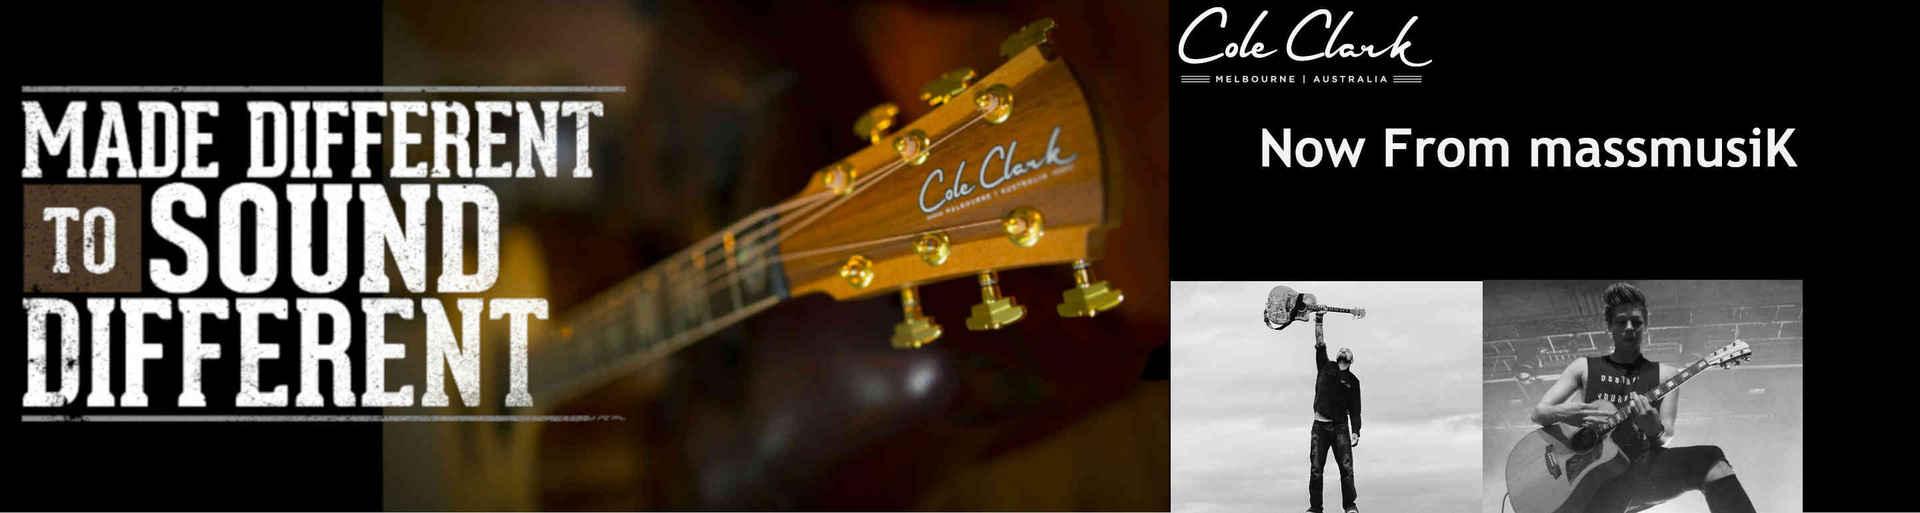 Cole Clark Acoustics